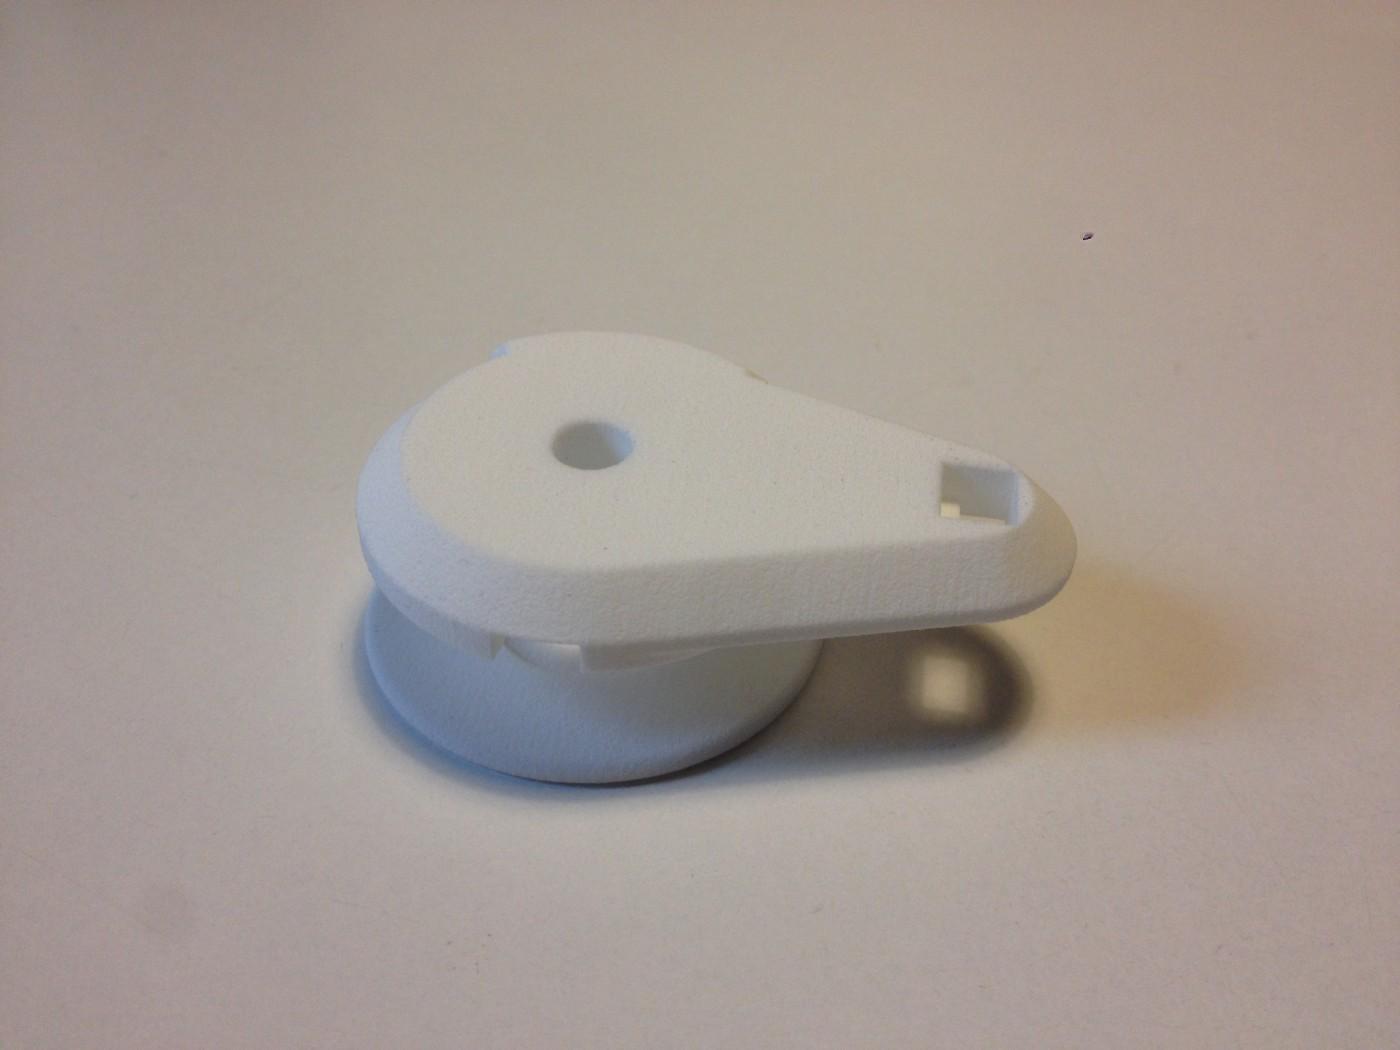 Formando 3D print realisatie - ontwerp en prototype van beschermplaatje